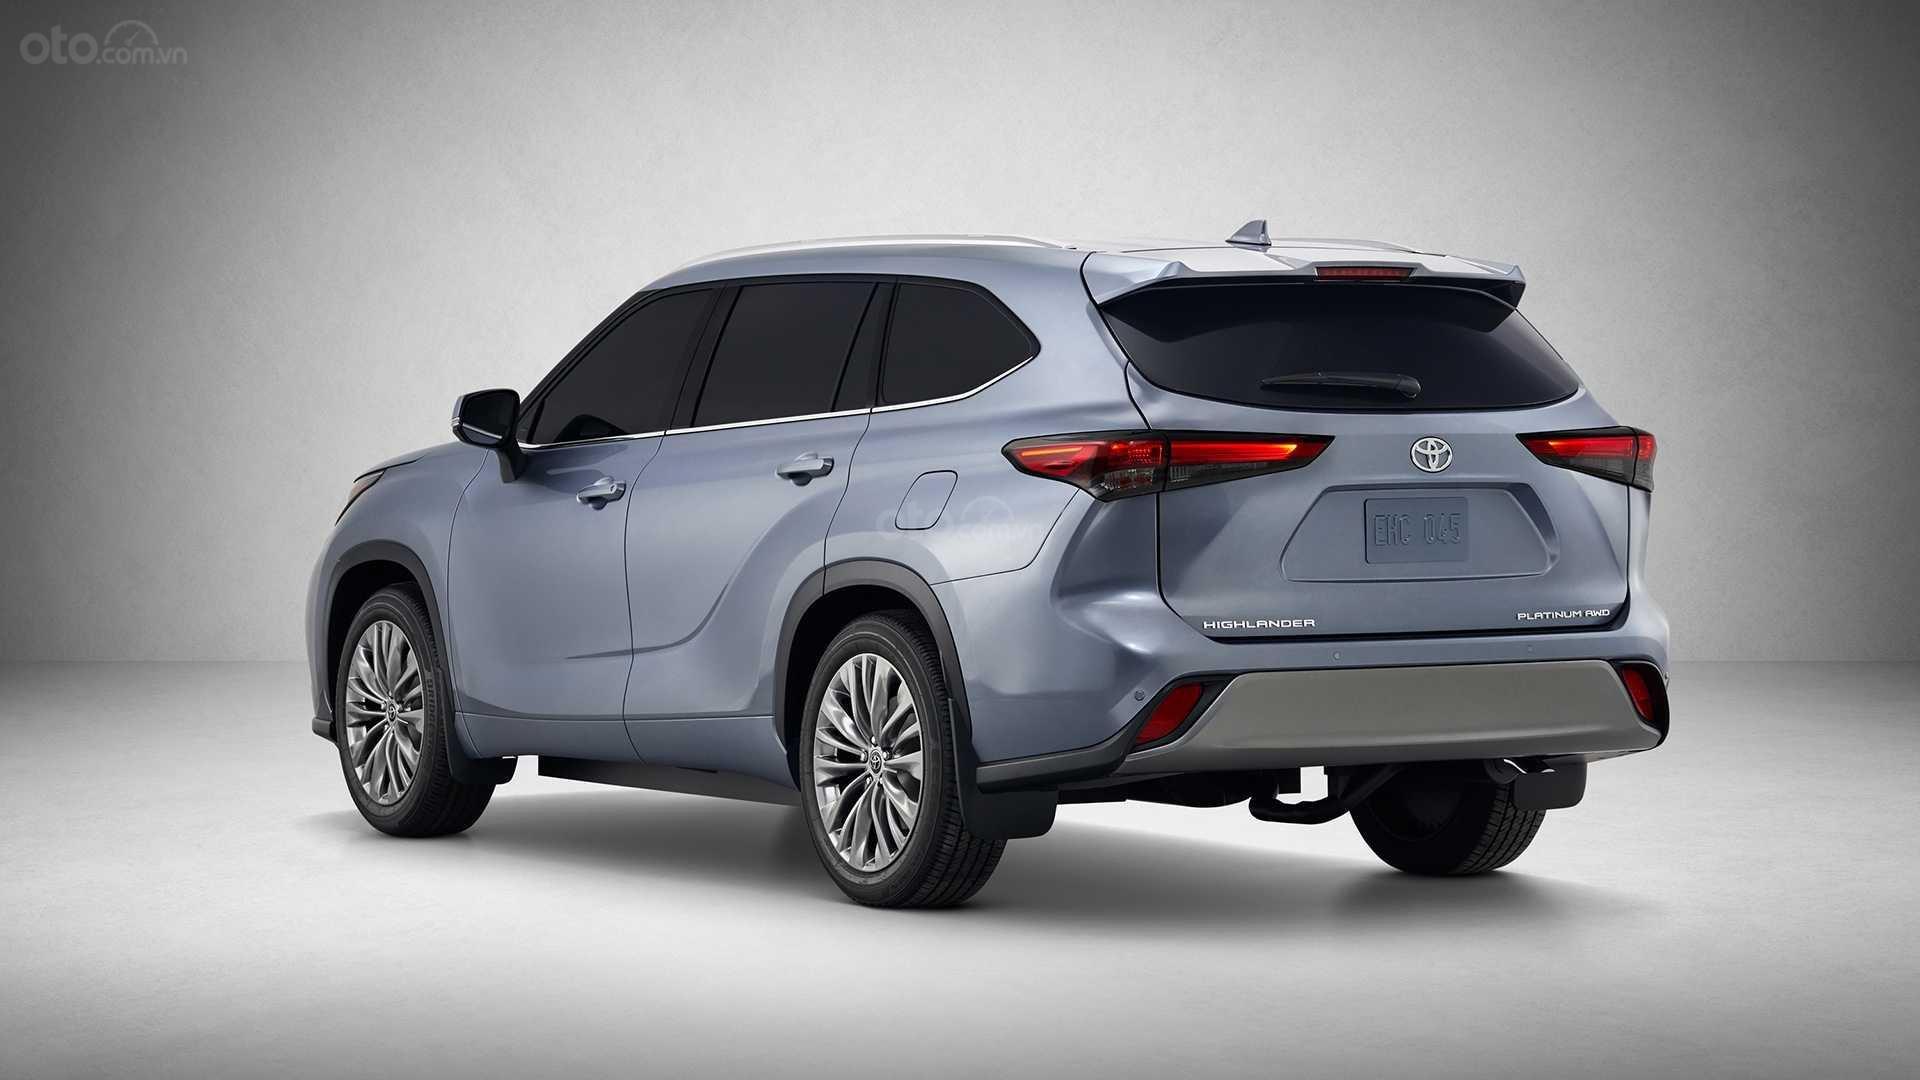 Toyota Highlander 2020 góc 3/4 đuôi xe